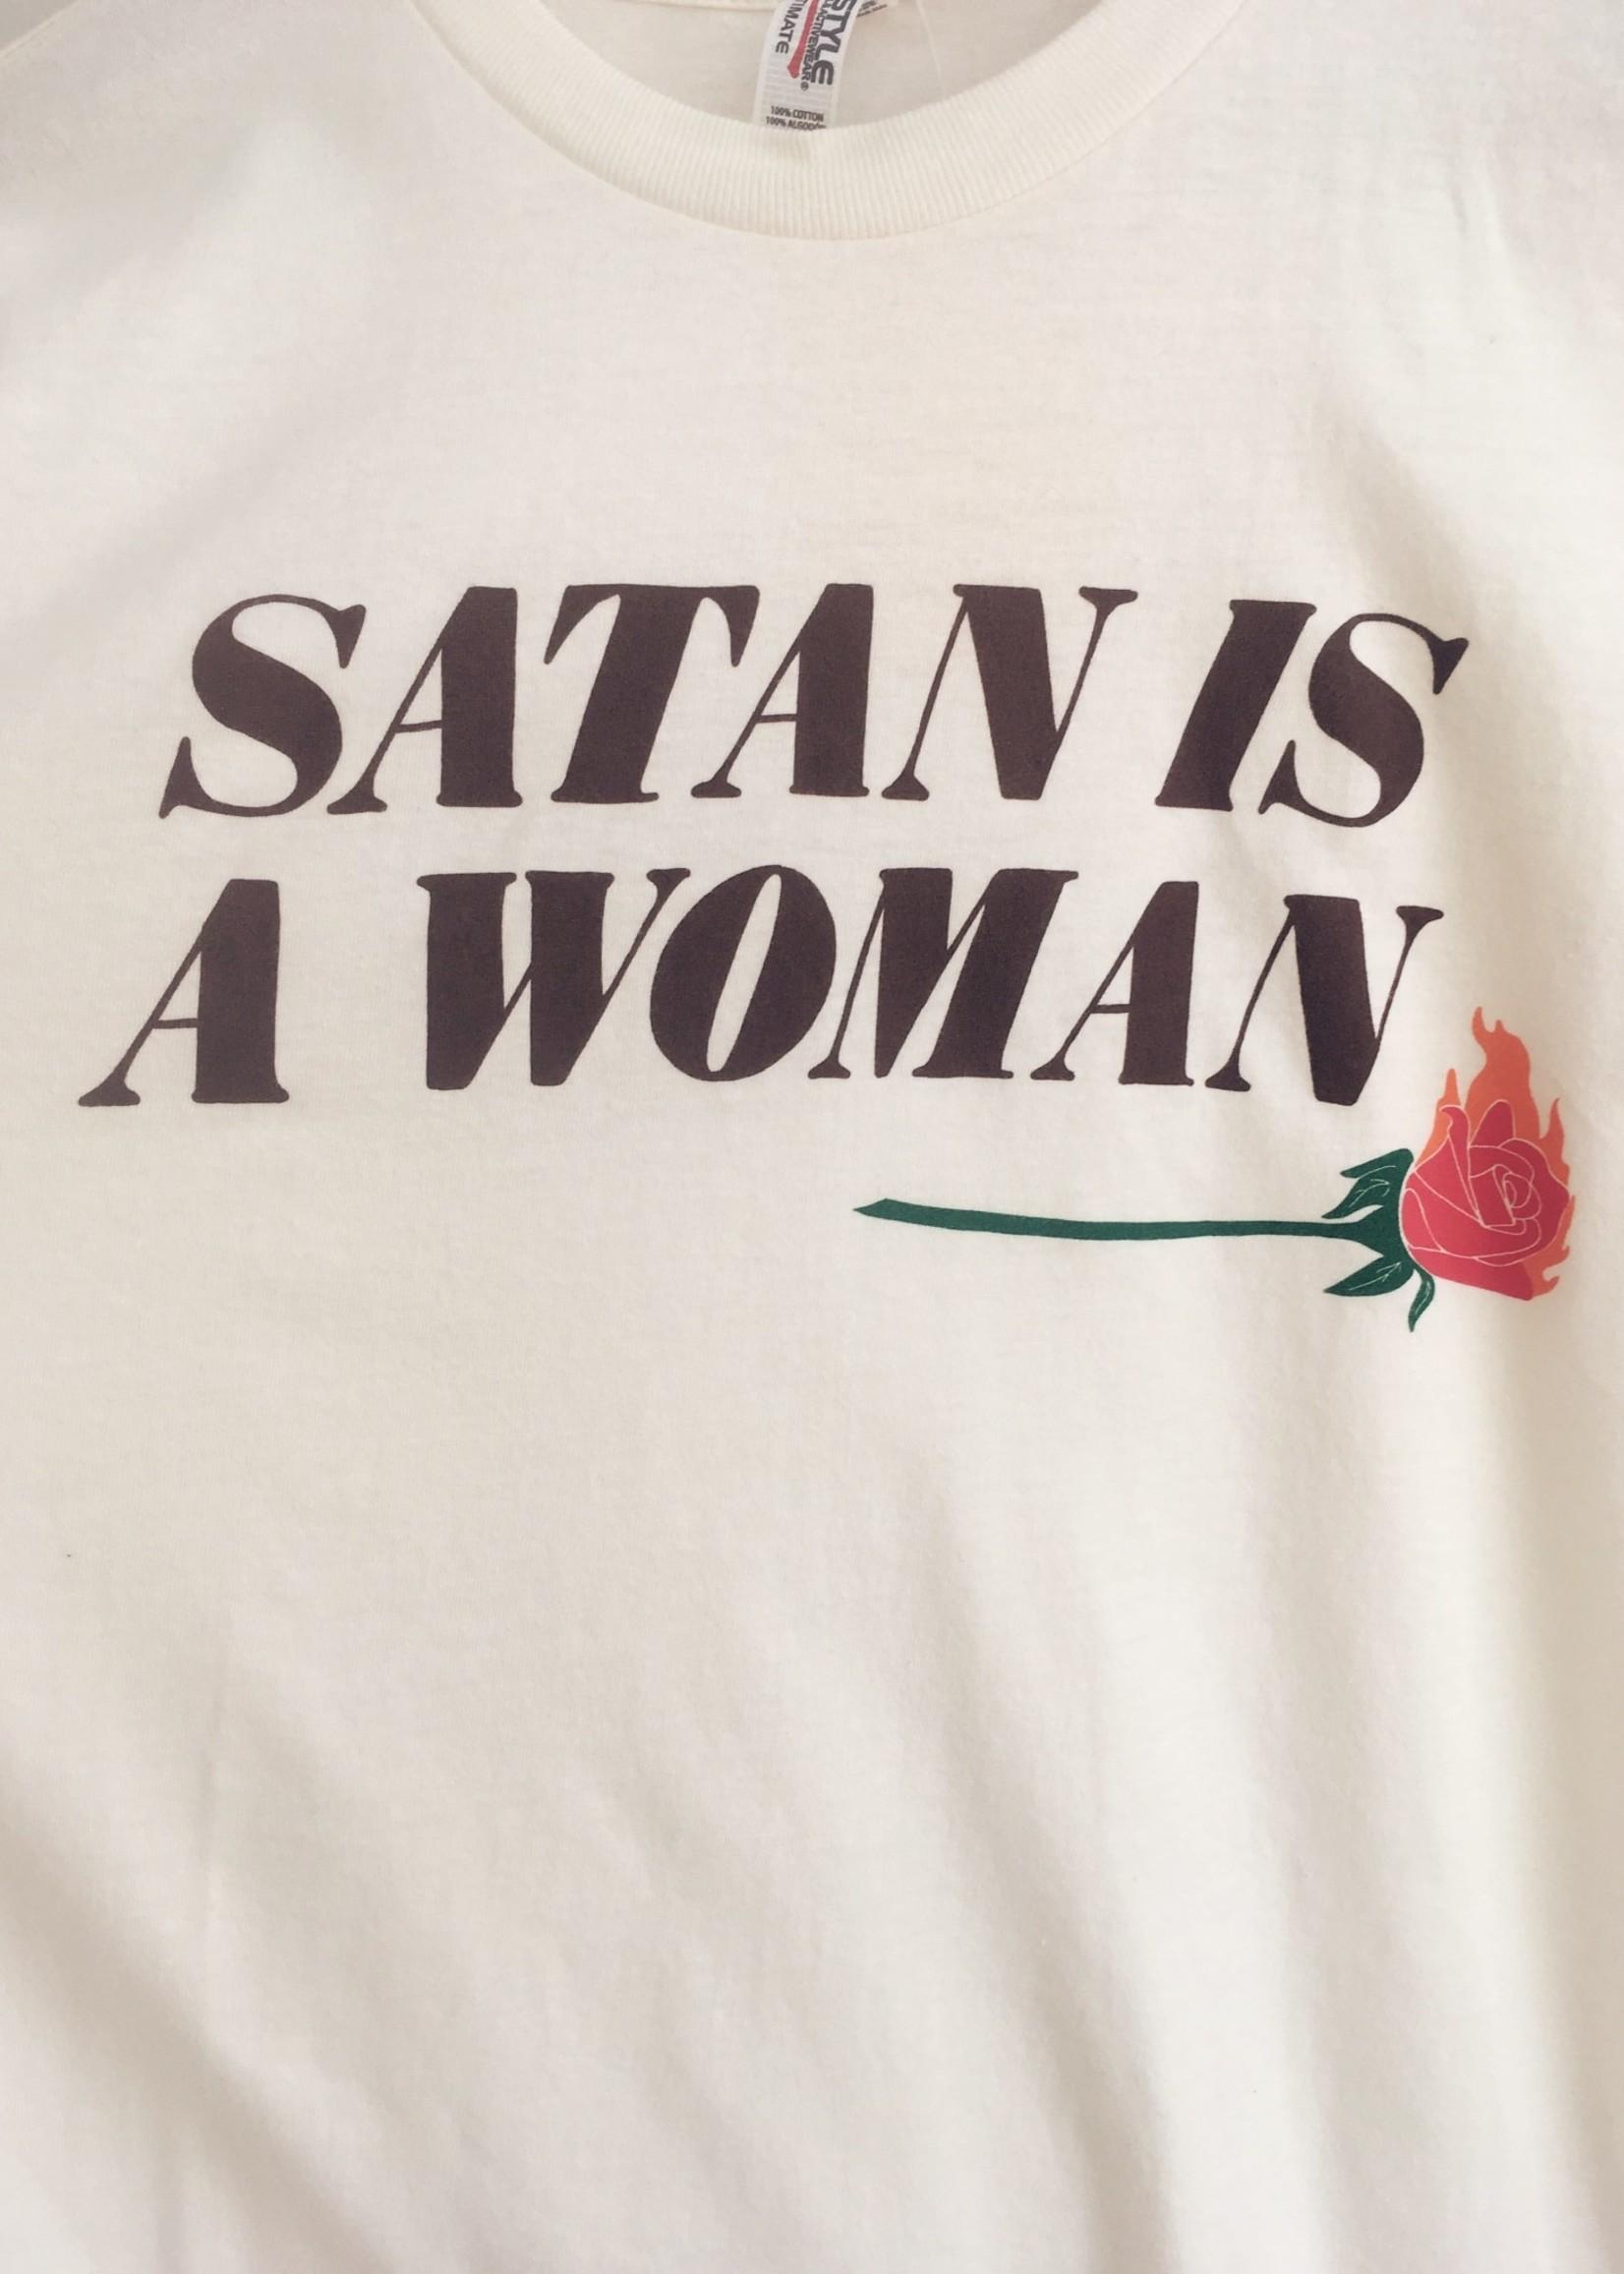 Rosehound Apparel Satan Is A Woman T-Shirt